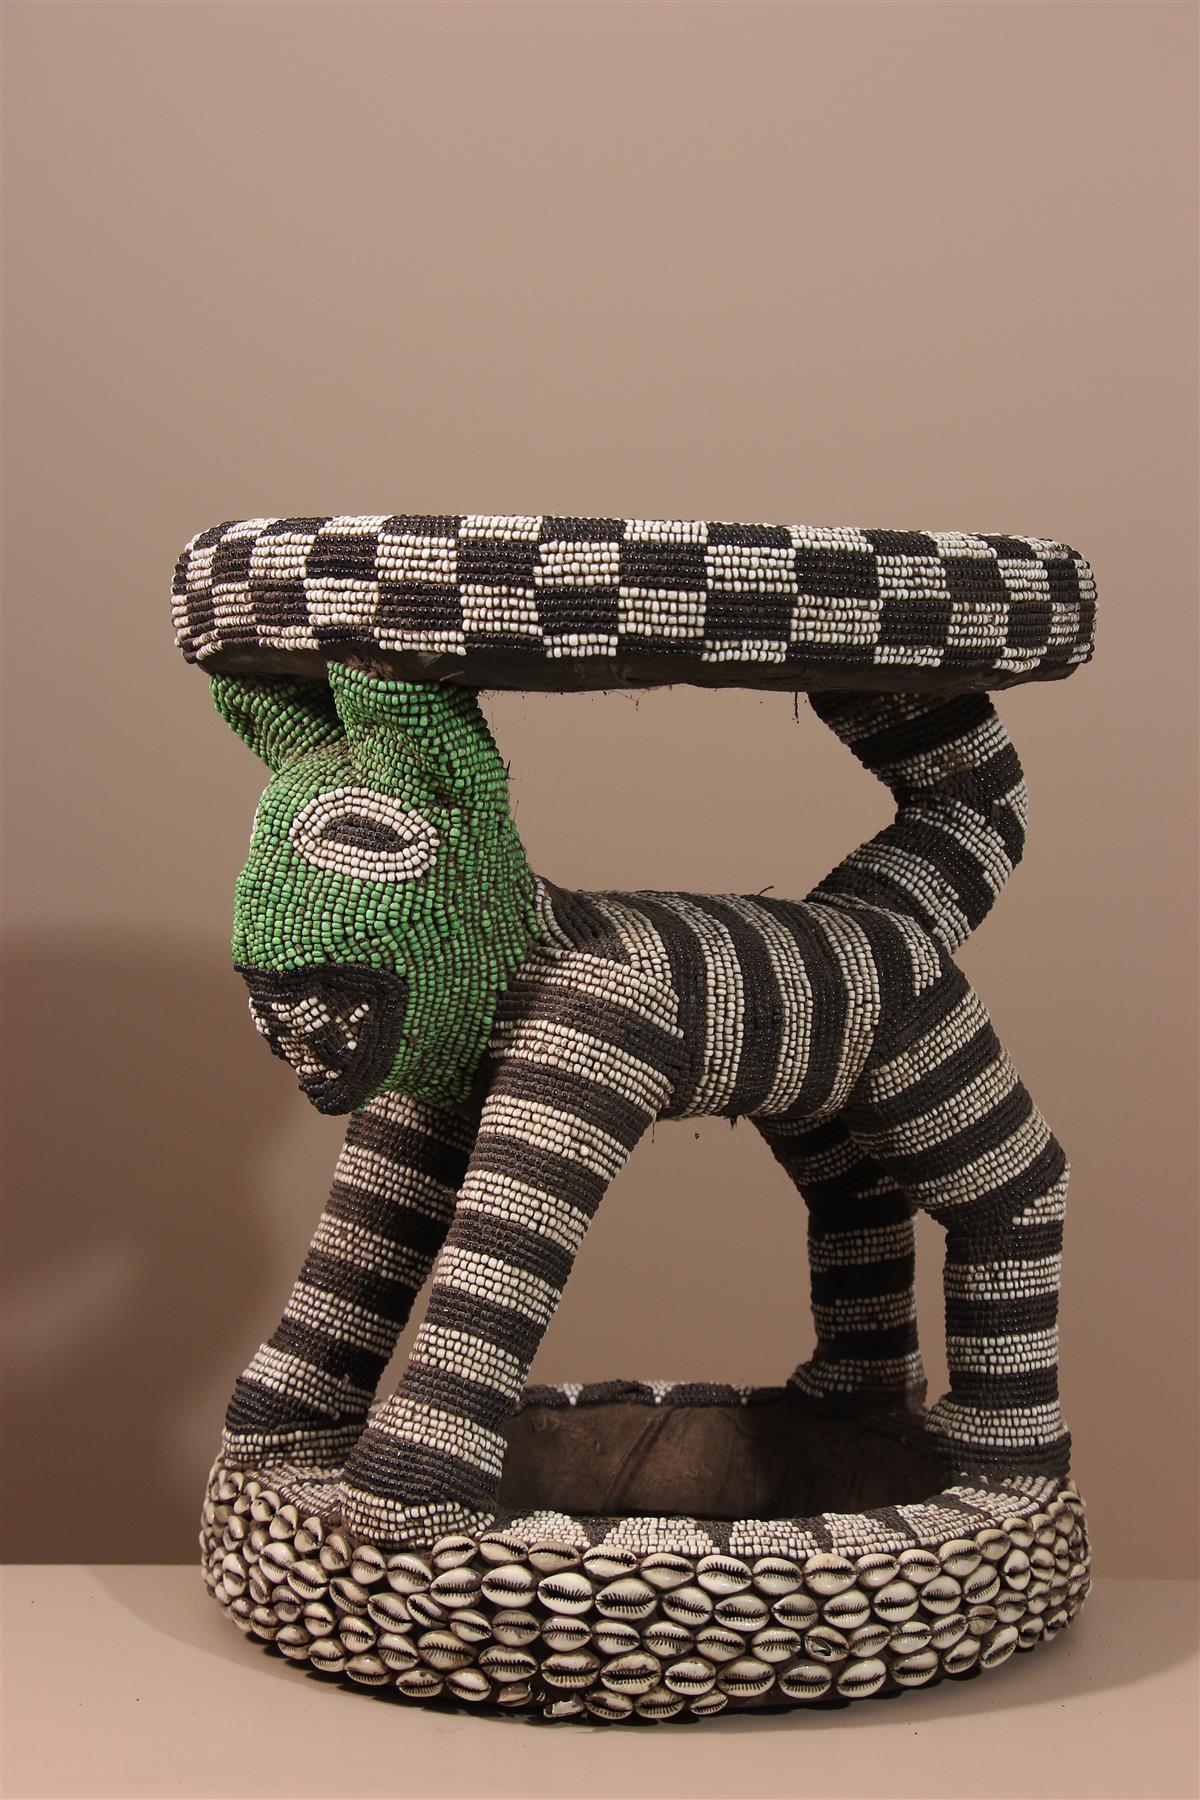 Tabouret perlé - Déco africaine - Art africain traditionnel